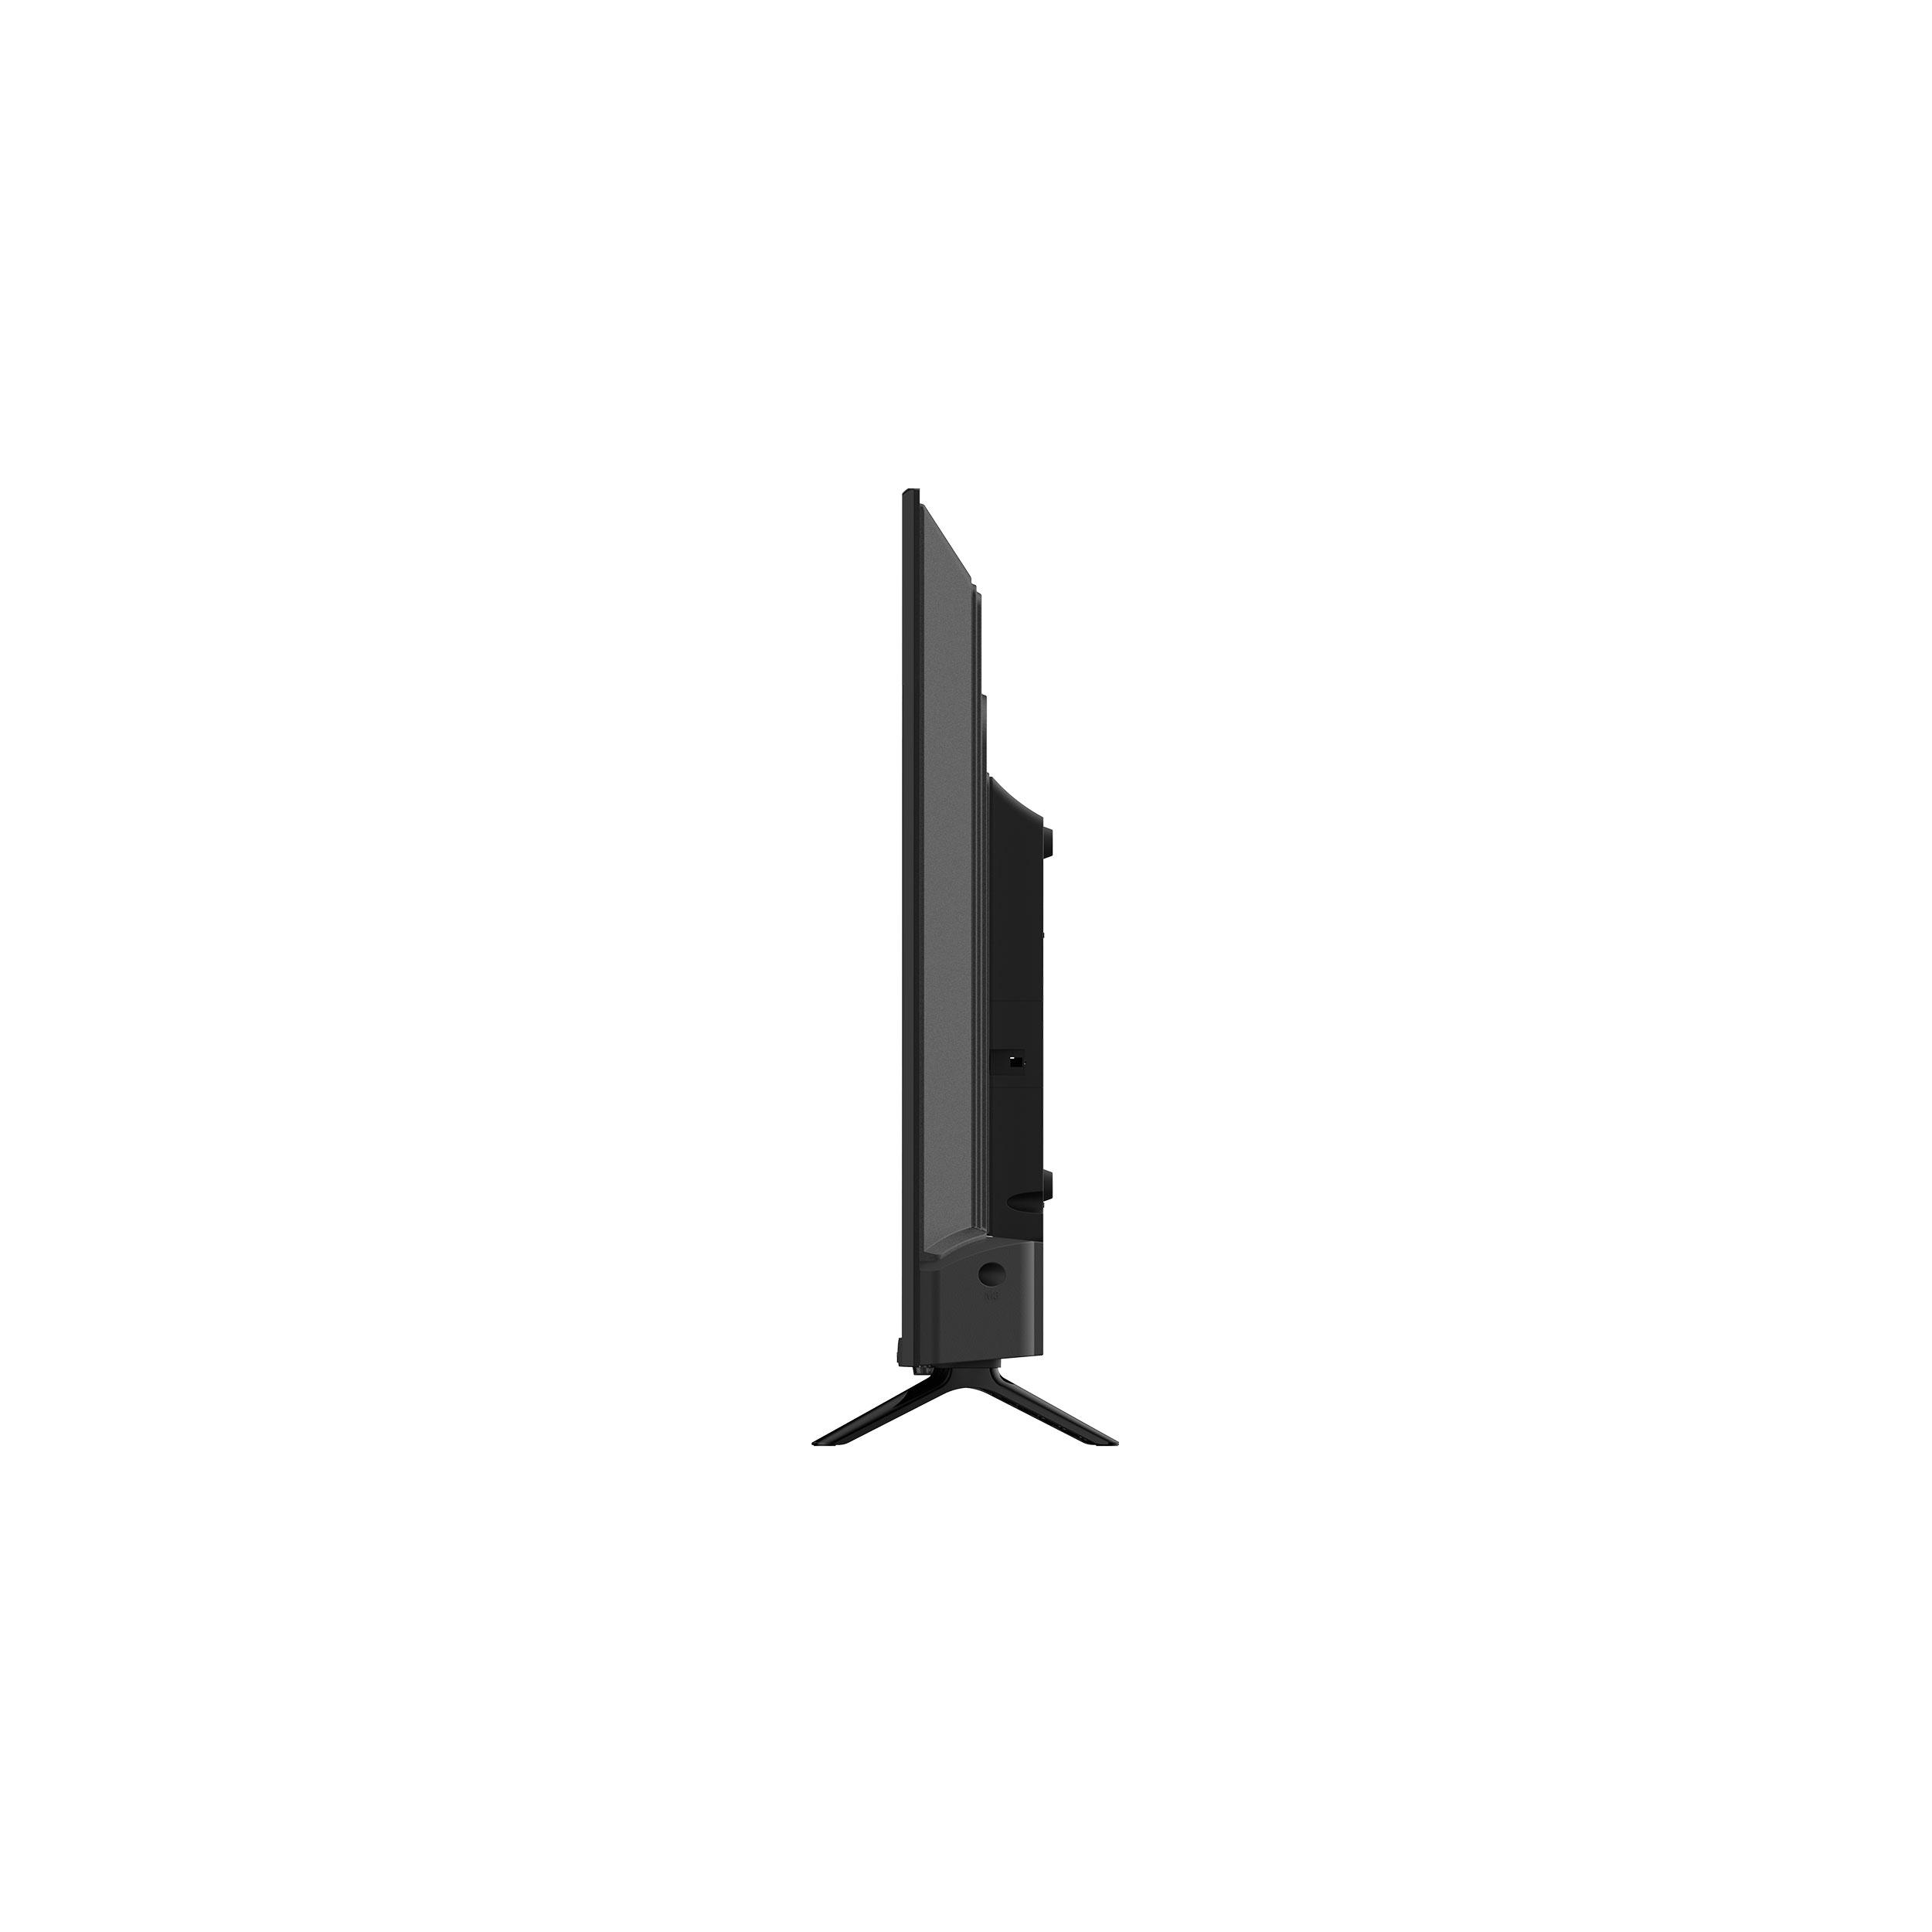 تلویزیون ال ای دی هوشمند جی پلاس مدل GTV-40LH612N سایز 40 اینچ main 1 5